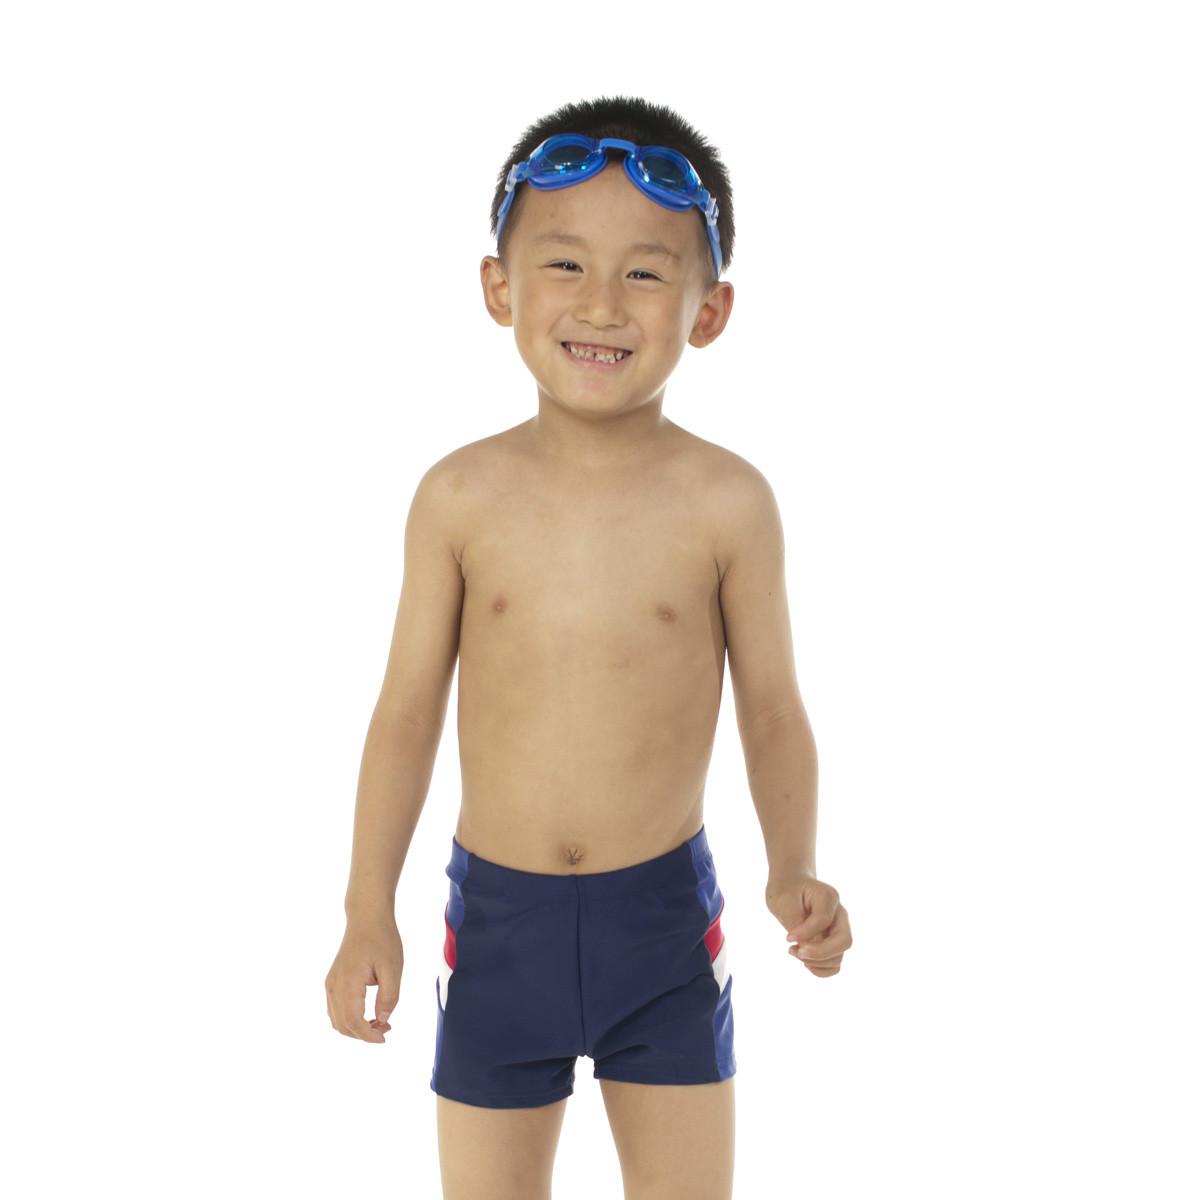 Купальные плавки для мальчиков Made in china ezi6002 2/12 A016